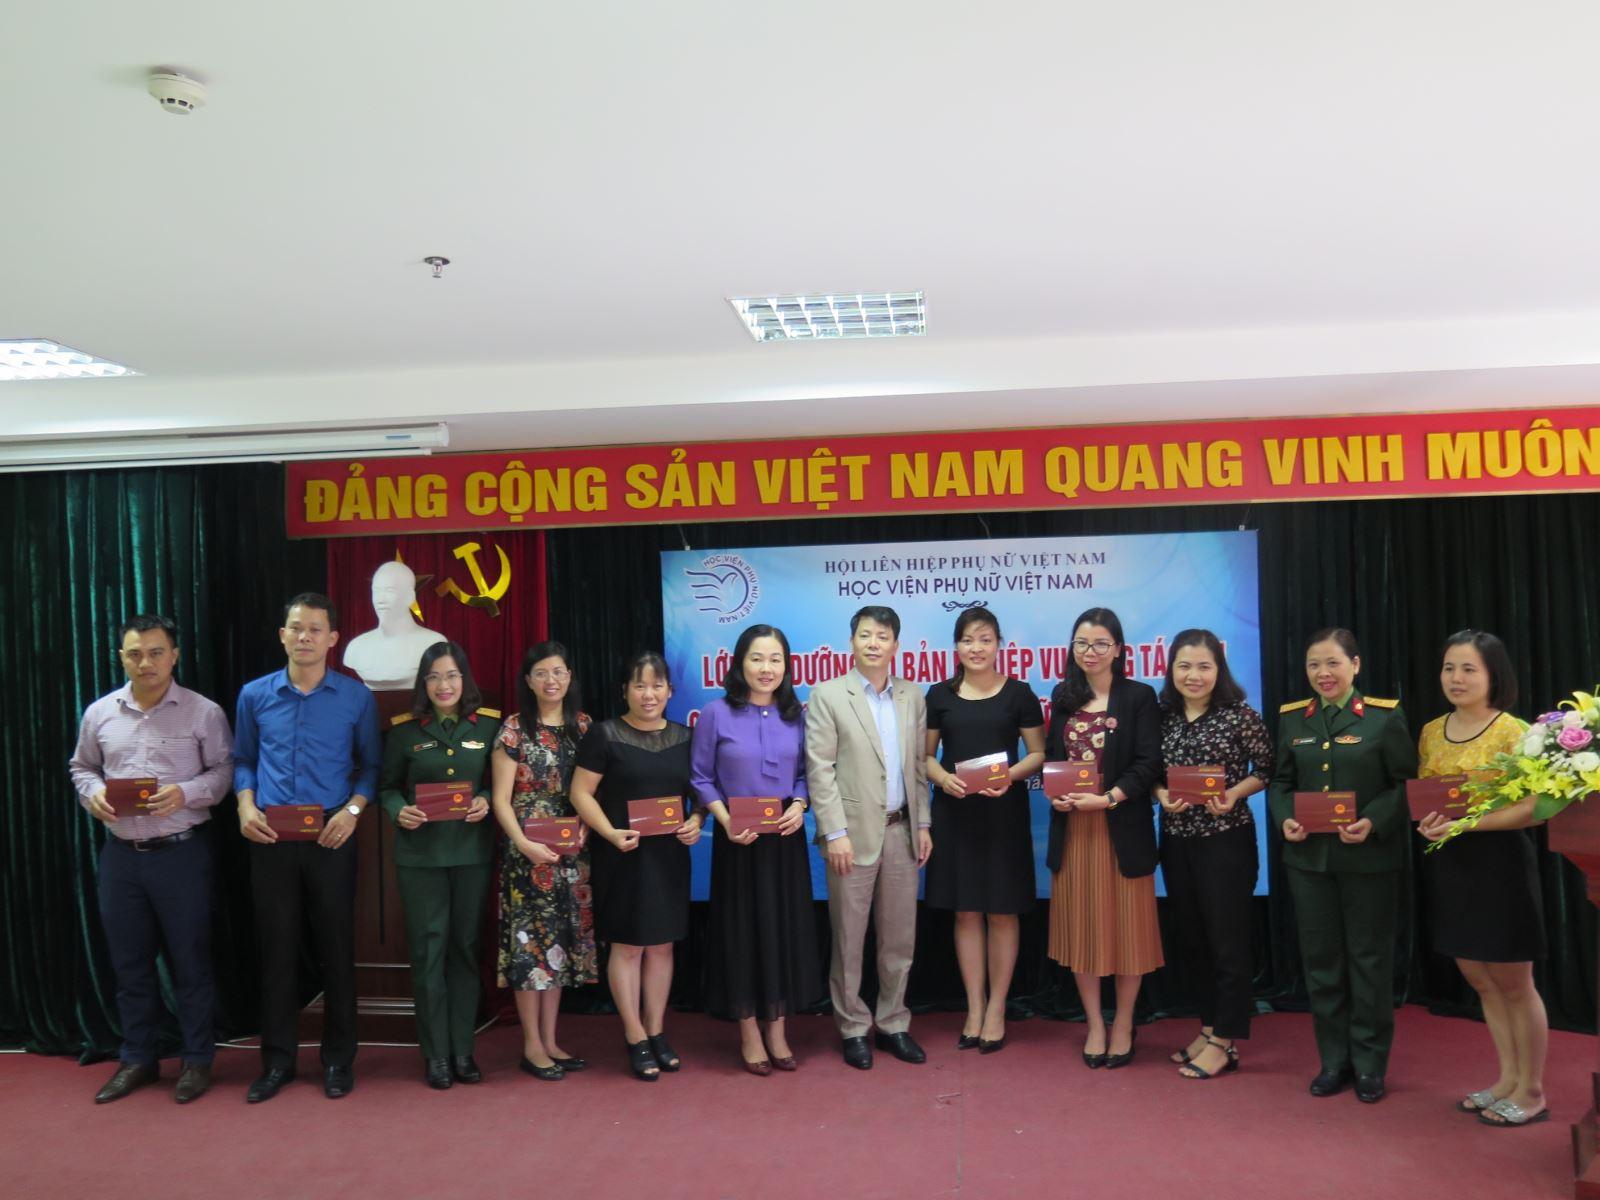 Bế giảng lớp bồi dưỡng cơ bản nghiệp vụ công tác Hội LHPN Việt Nam